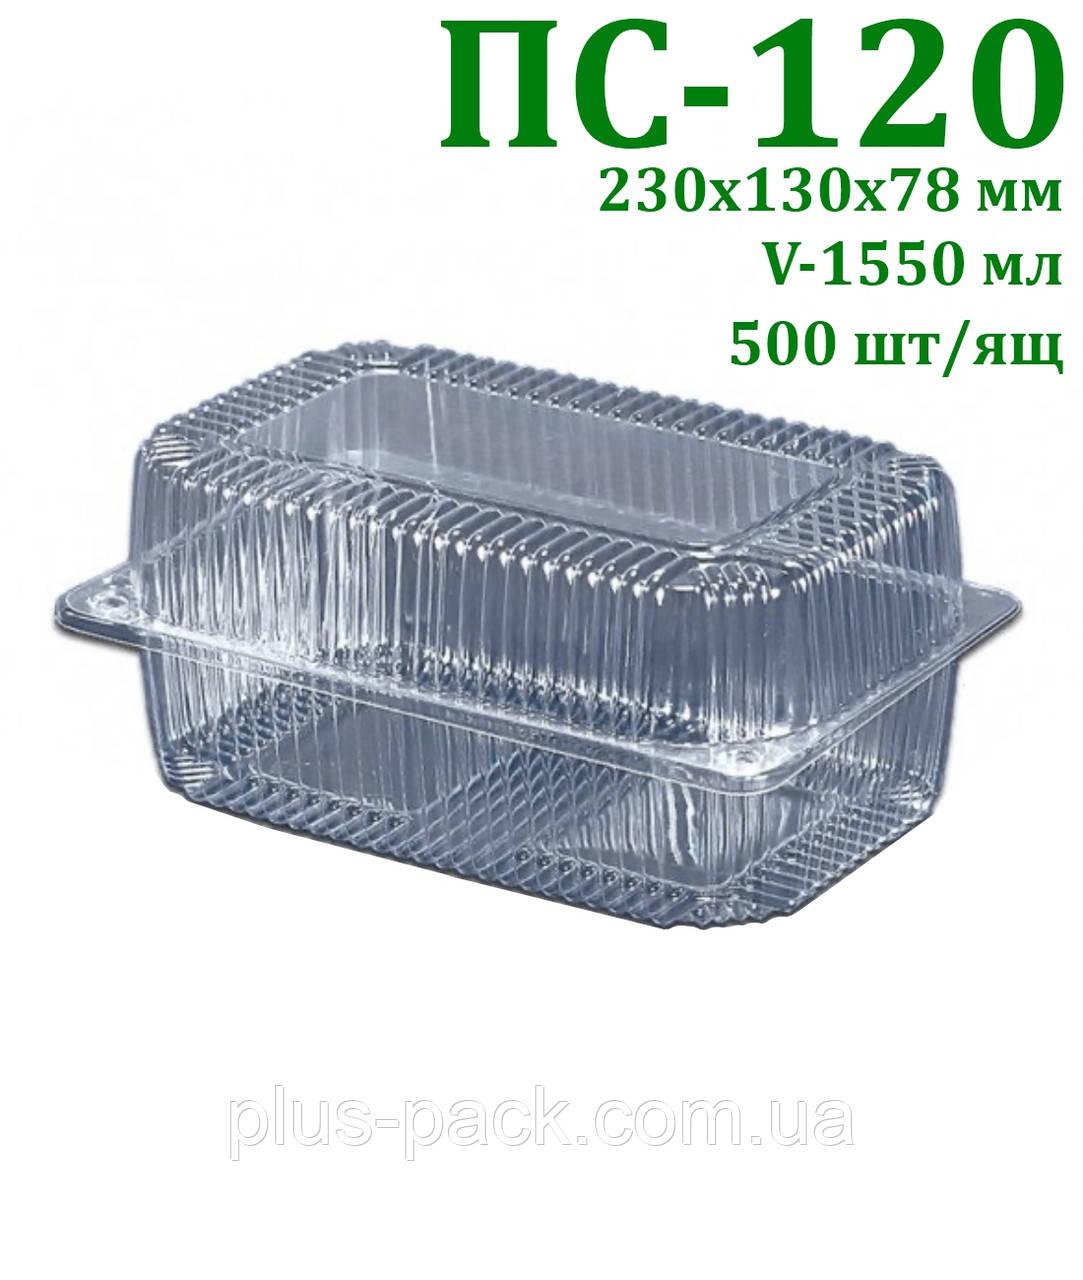 Одноразова Блістерна Упаковка 230х130х78 мм. 1550 мл